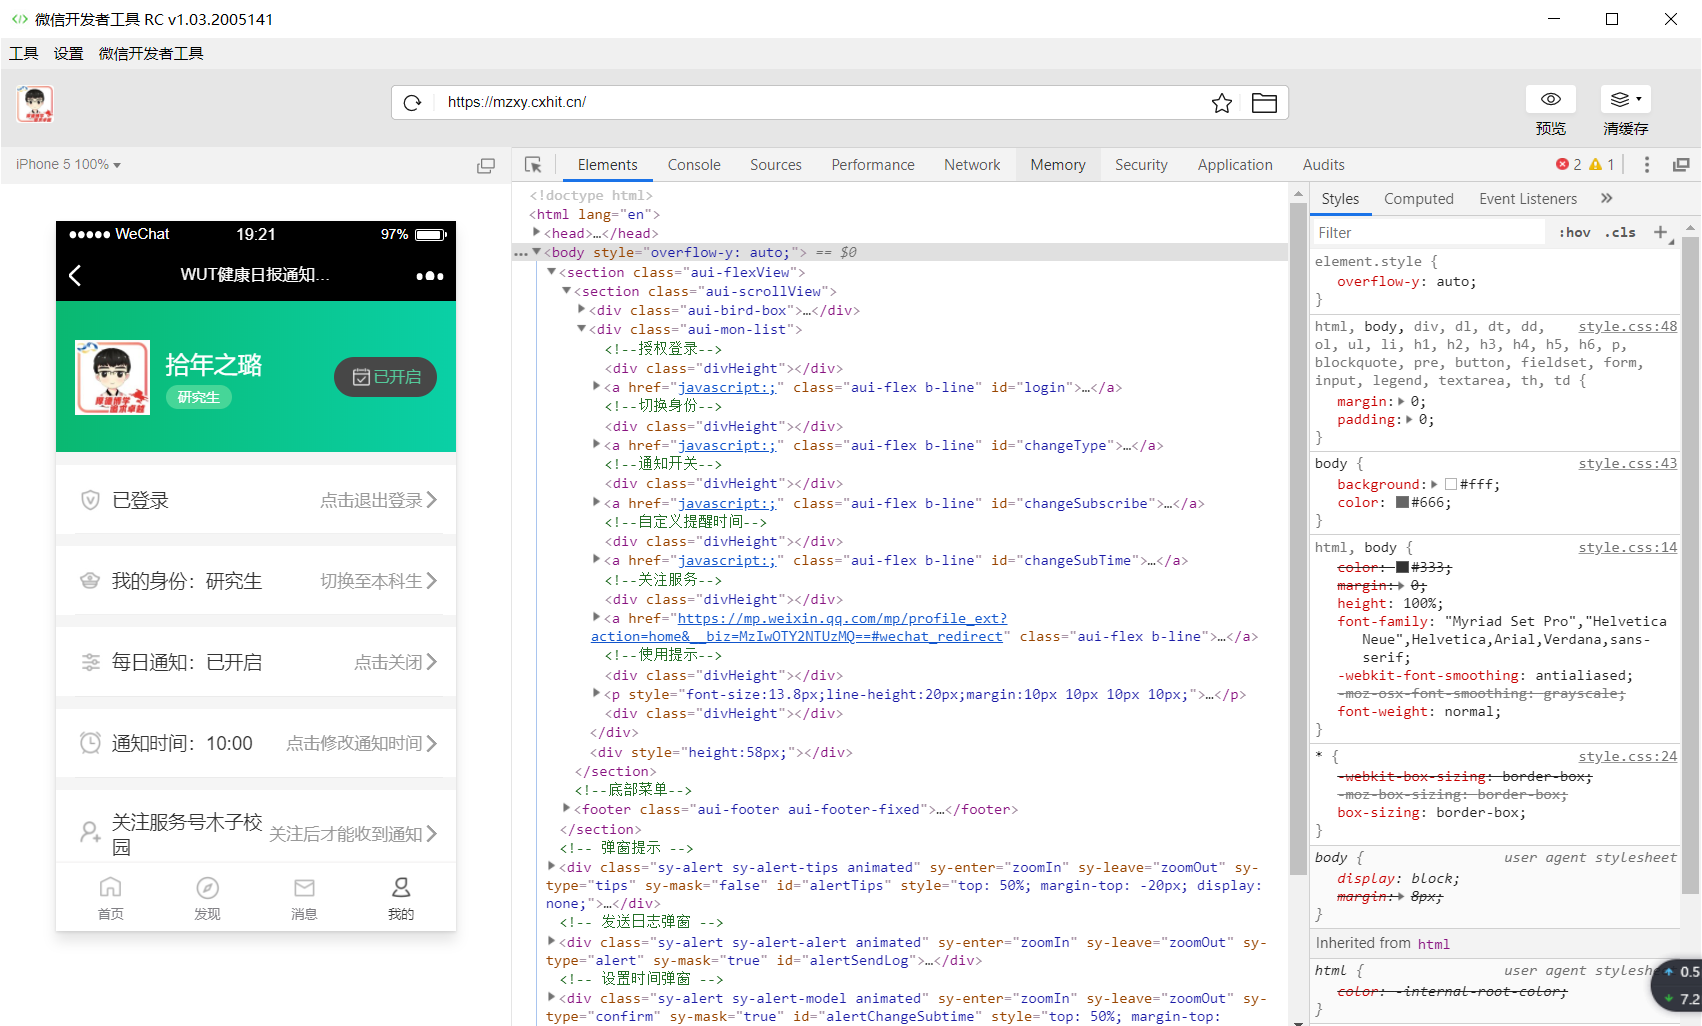 【微信开发:公众号】授权登录和消息模板使用方法及示例